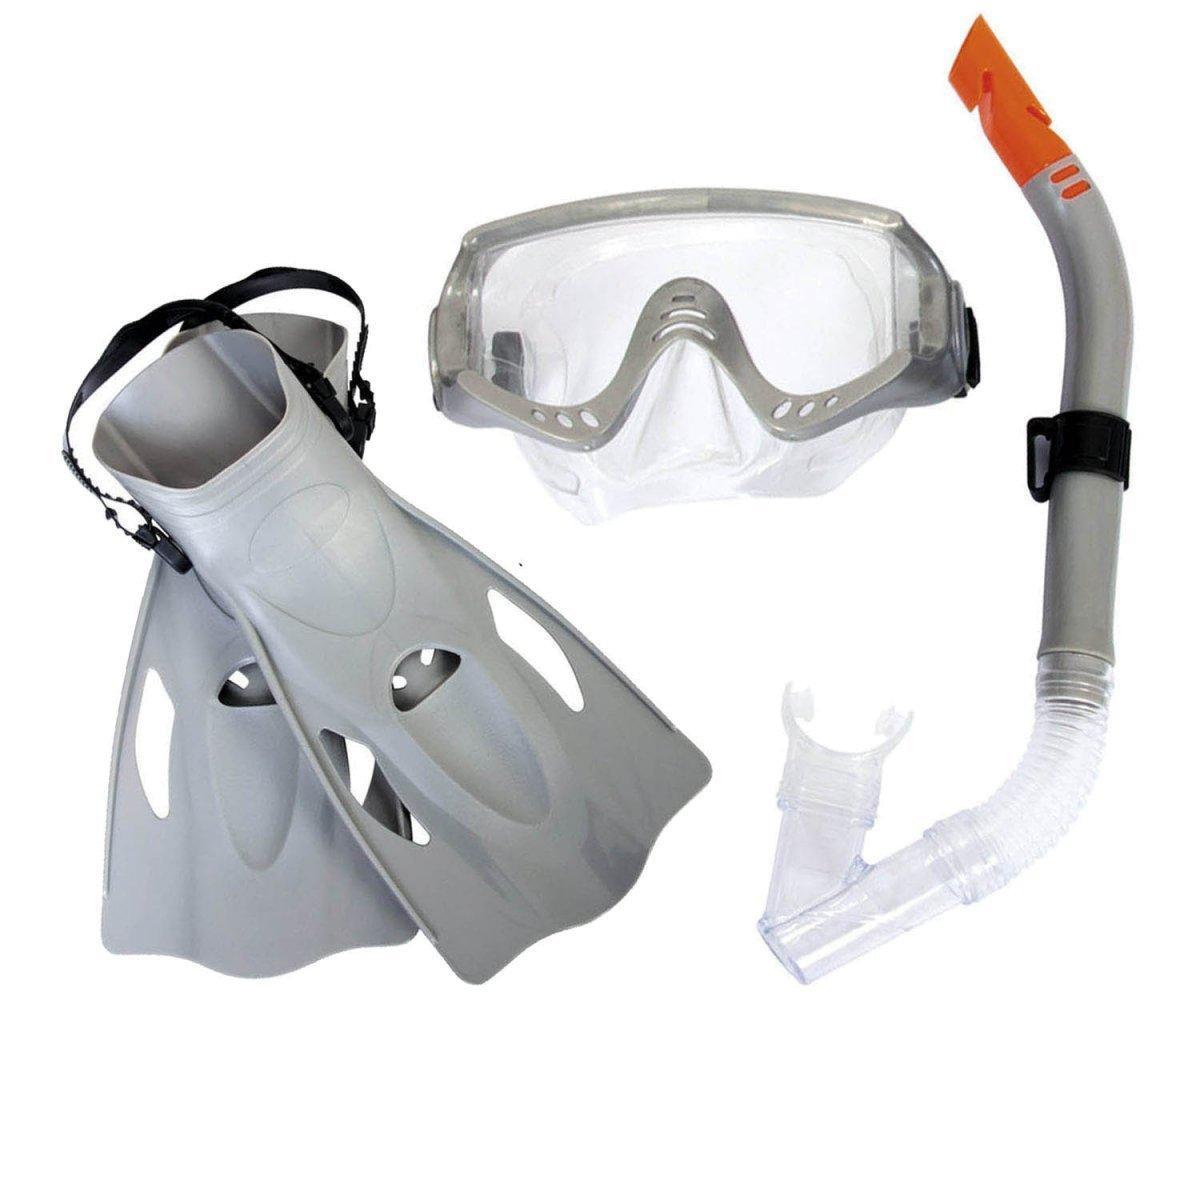 Набор 3 в 1 для плавания Bestway 25020 (маска: размер XL, (10+), обхват головы ≈ 56 см, трубка, ласты: размер XXL, 42 (EU), под стопу ≈ 26.5 см),